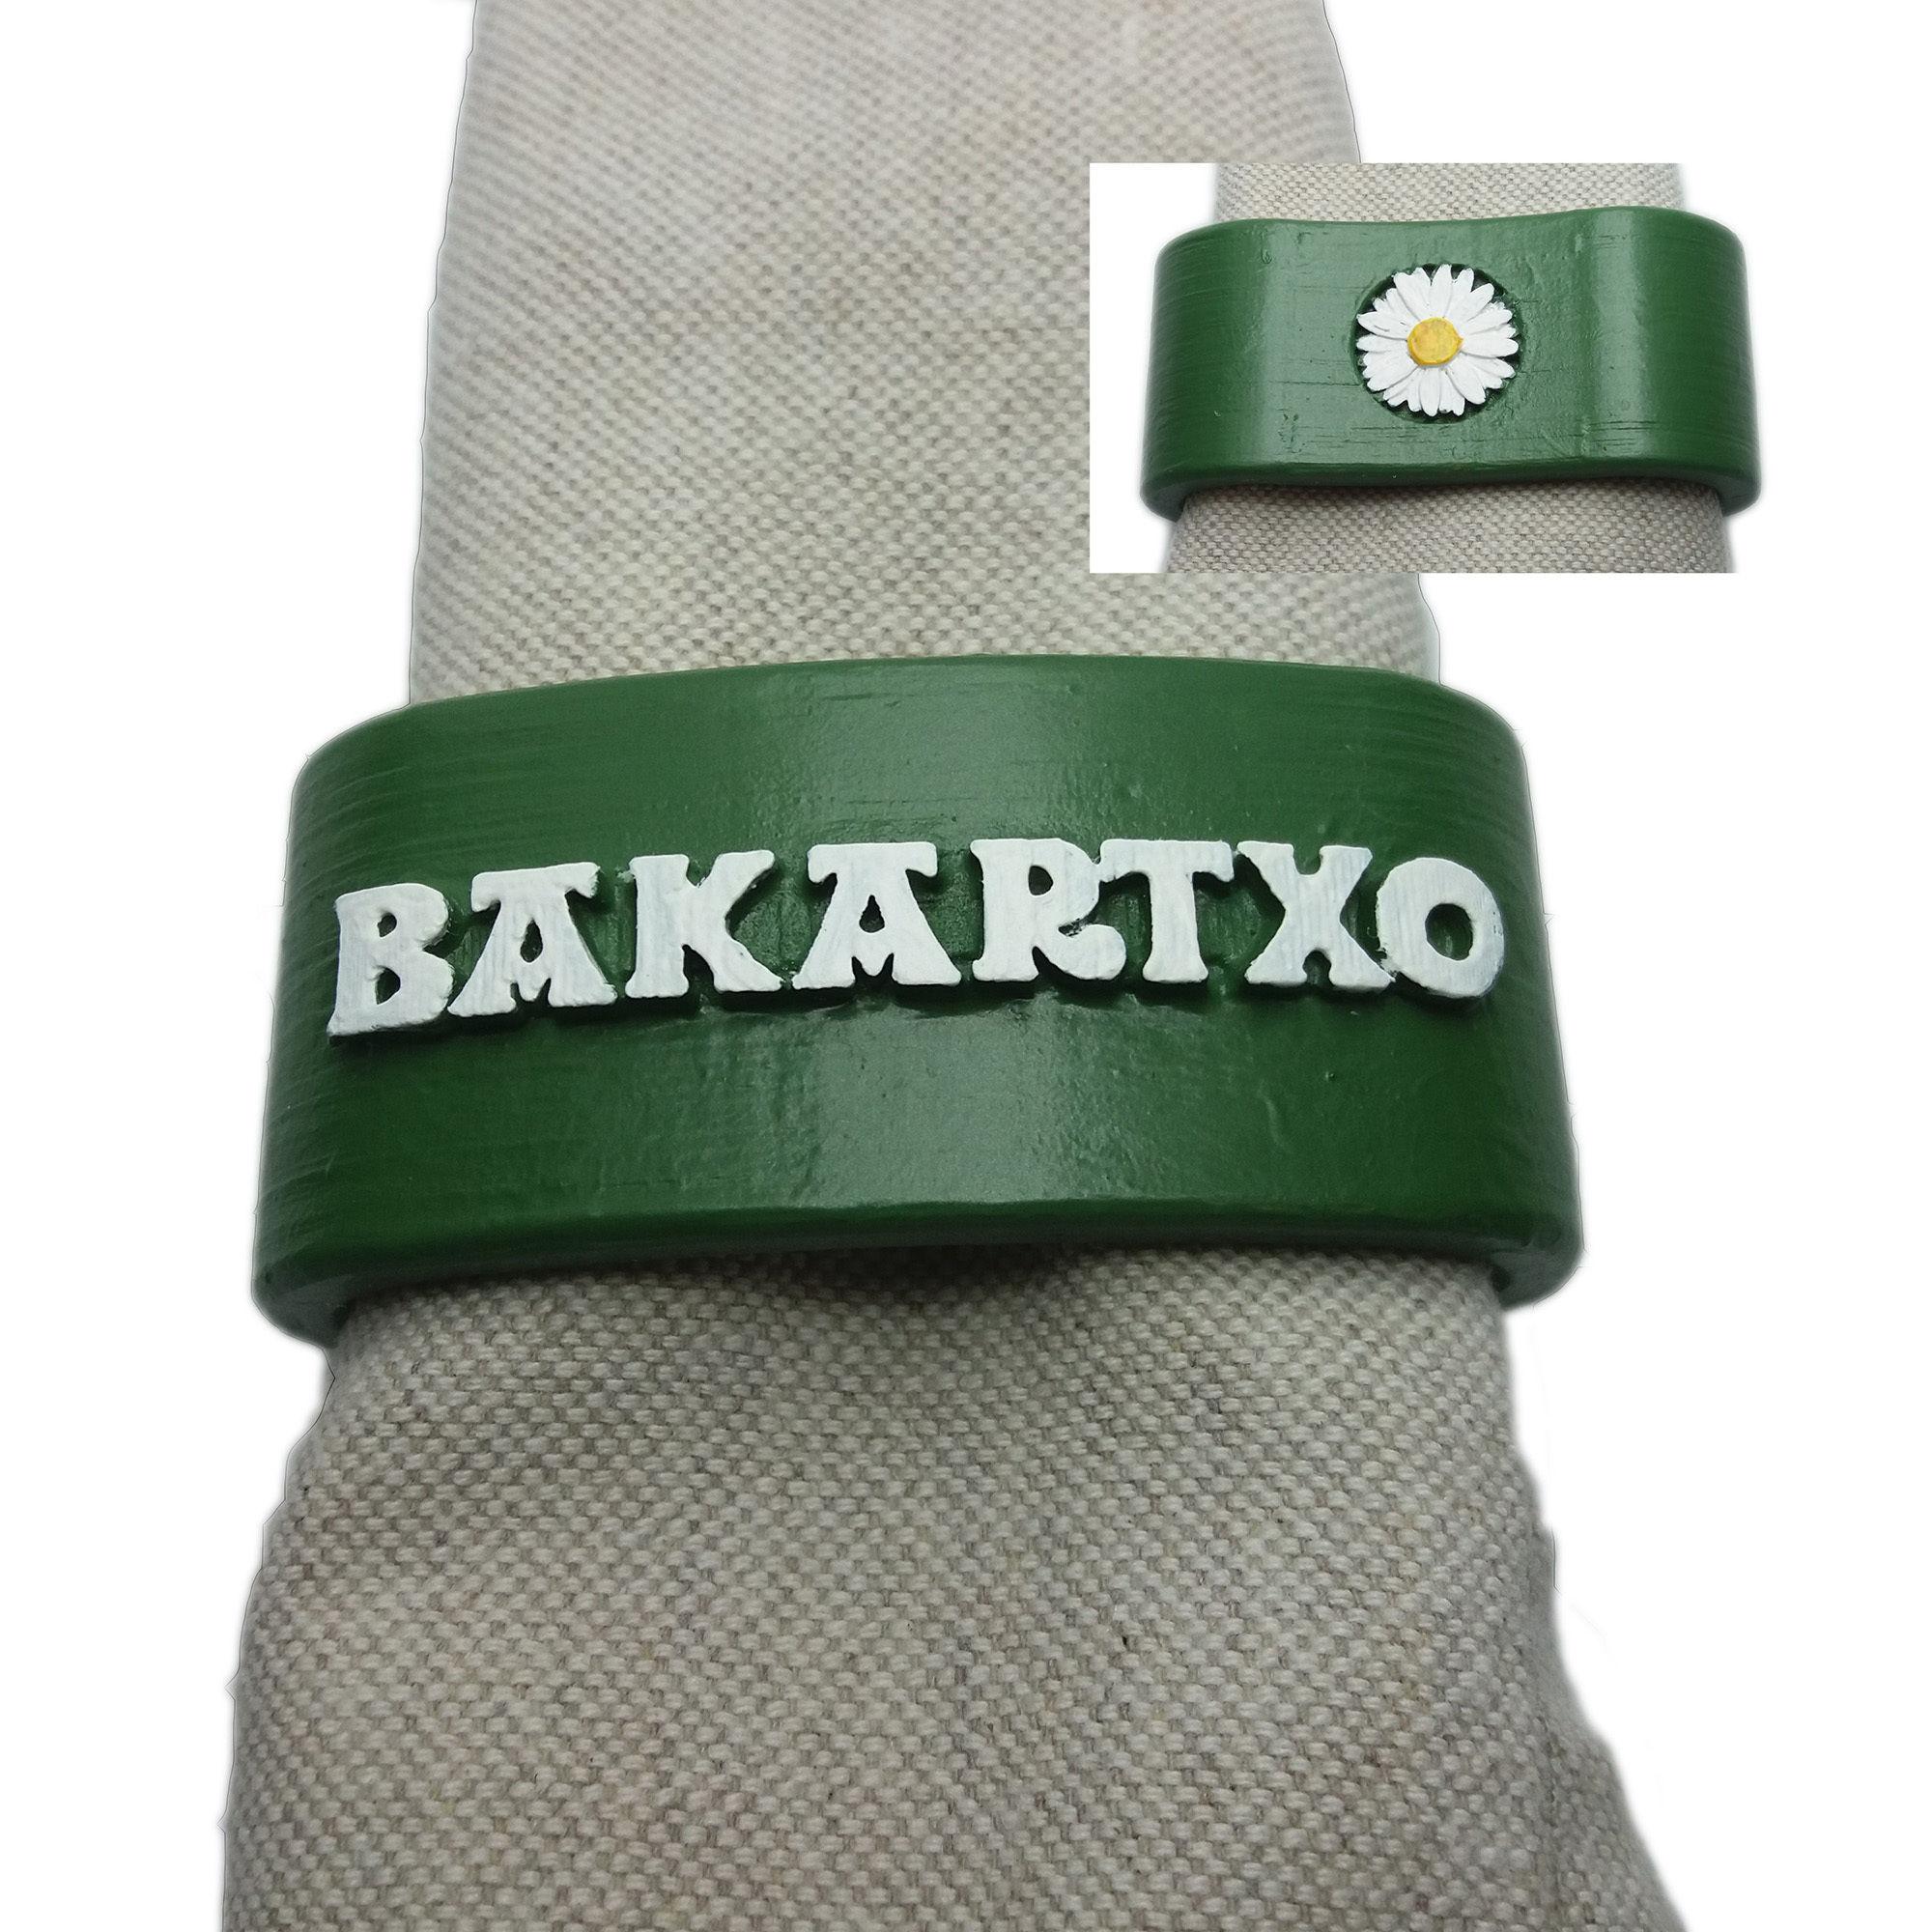 BAKARTXO Napkin Ring with daisy